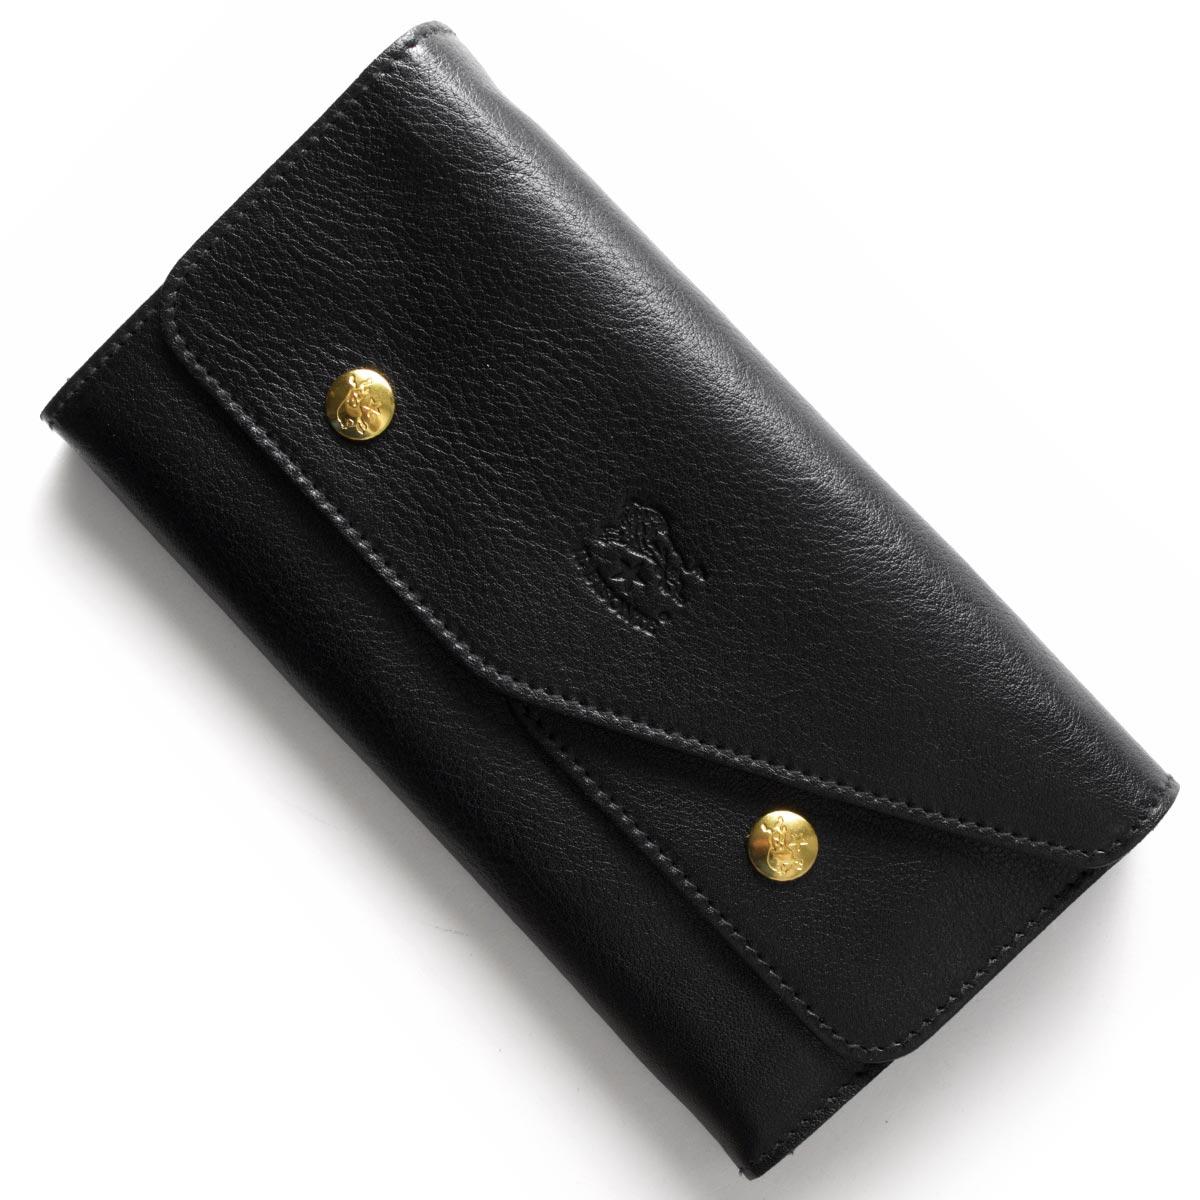 【最大3万円割引クーポン 11/01~】イルビゾンテ 長財布 財布 メンズ レディース ブラック C0881 P 153 IL BISONTE